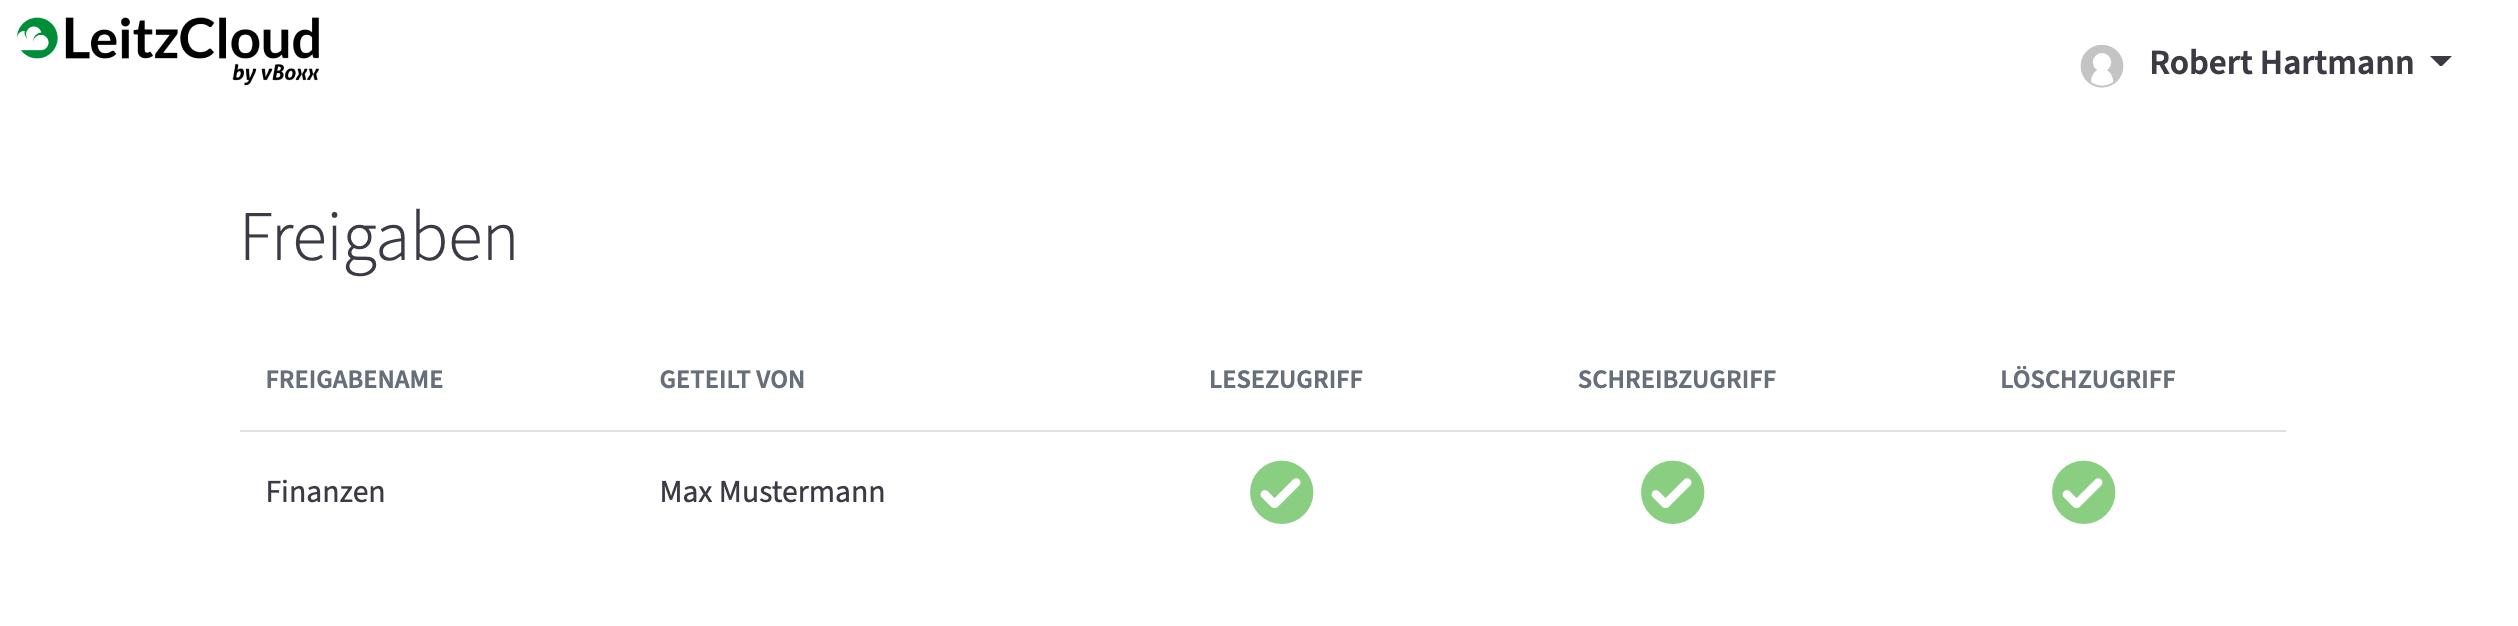 LeitzCloud Webansicht für Gäste